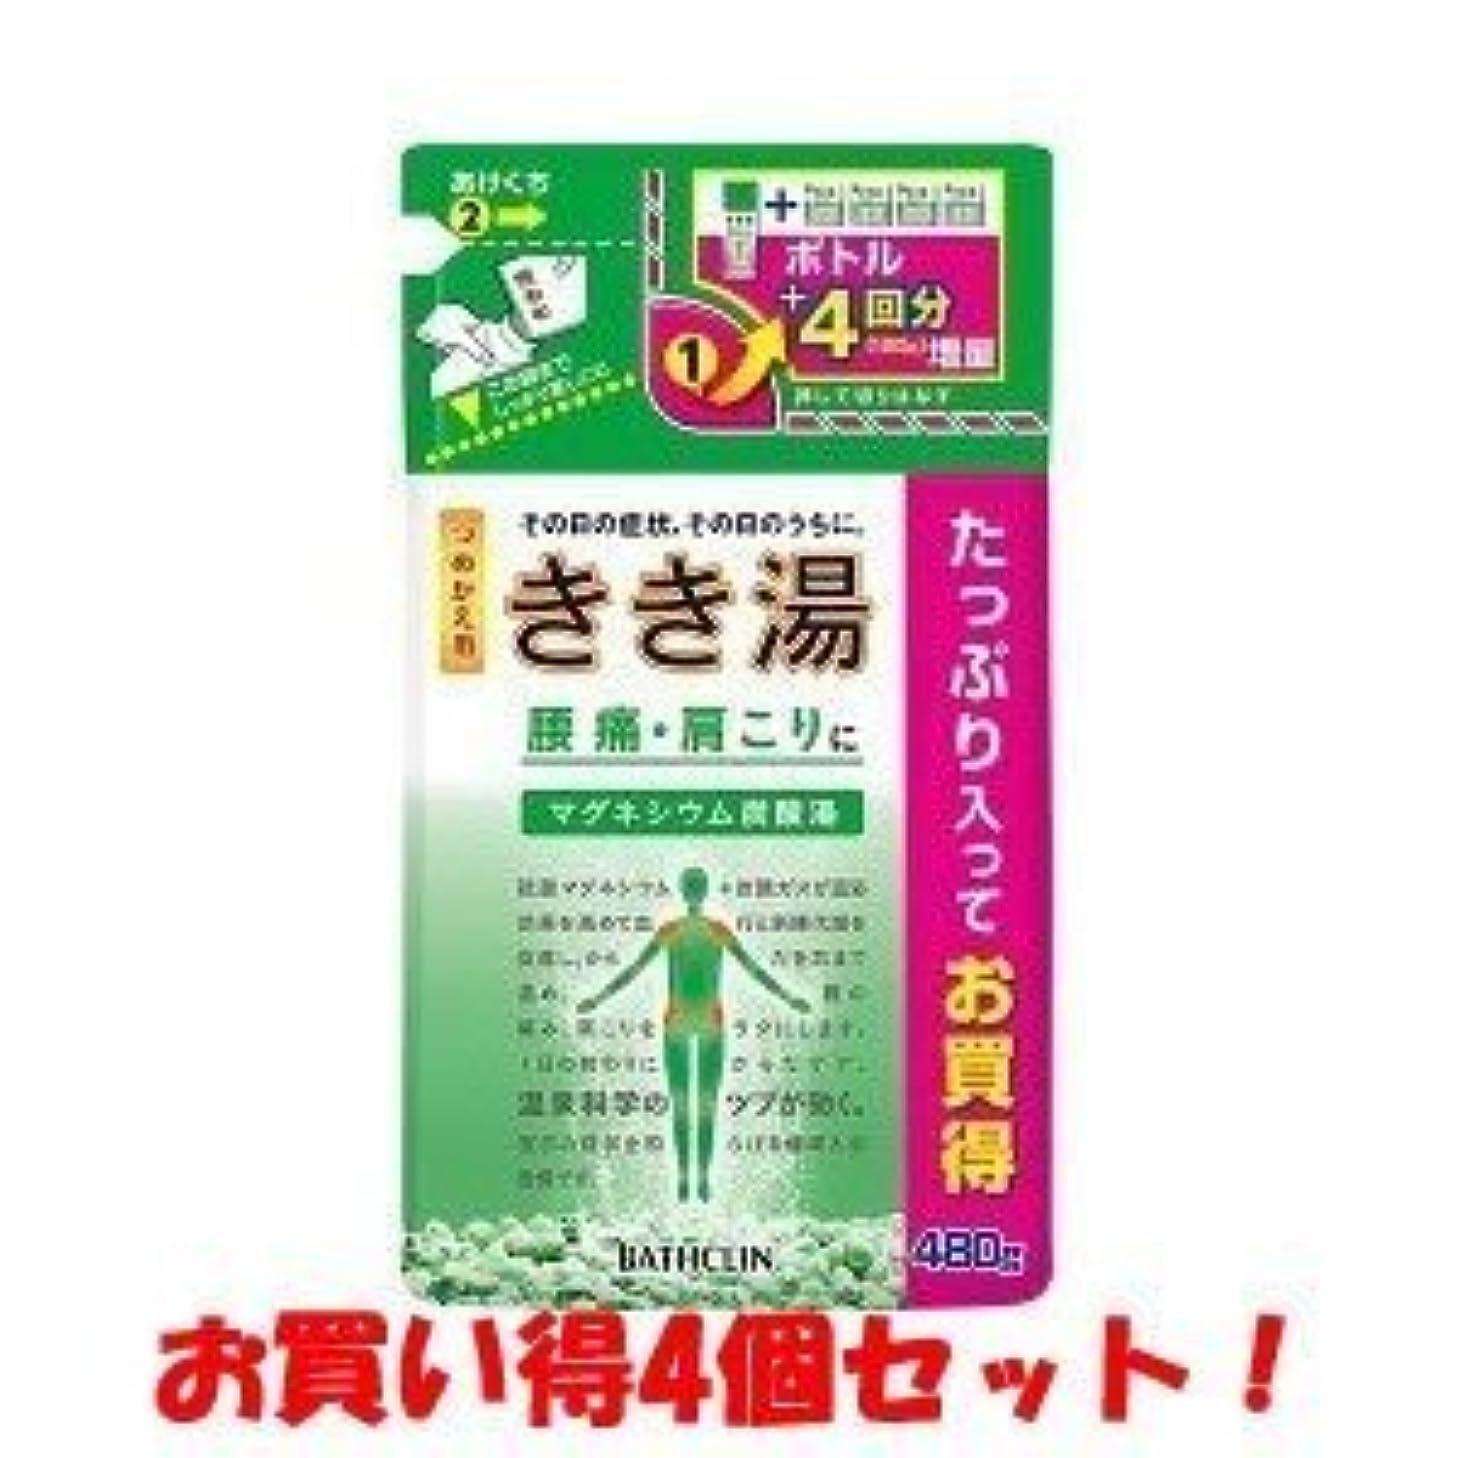 期限切れ文字免疫する(バスクリン)きき湯 マグネシウム炭酸湯 つめかえ用 480g(医薬部外品)(お買い得4個セット)